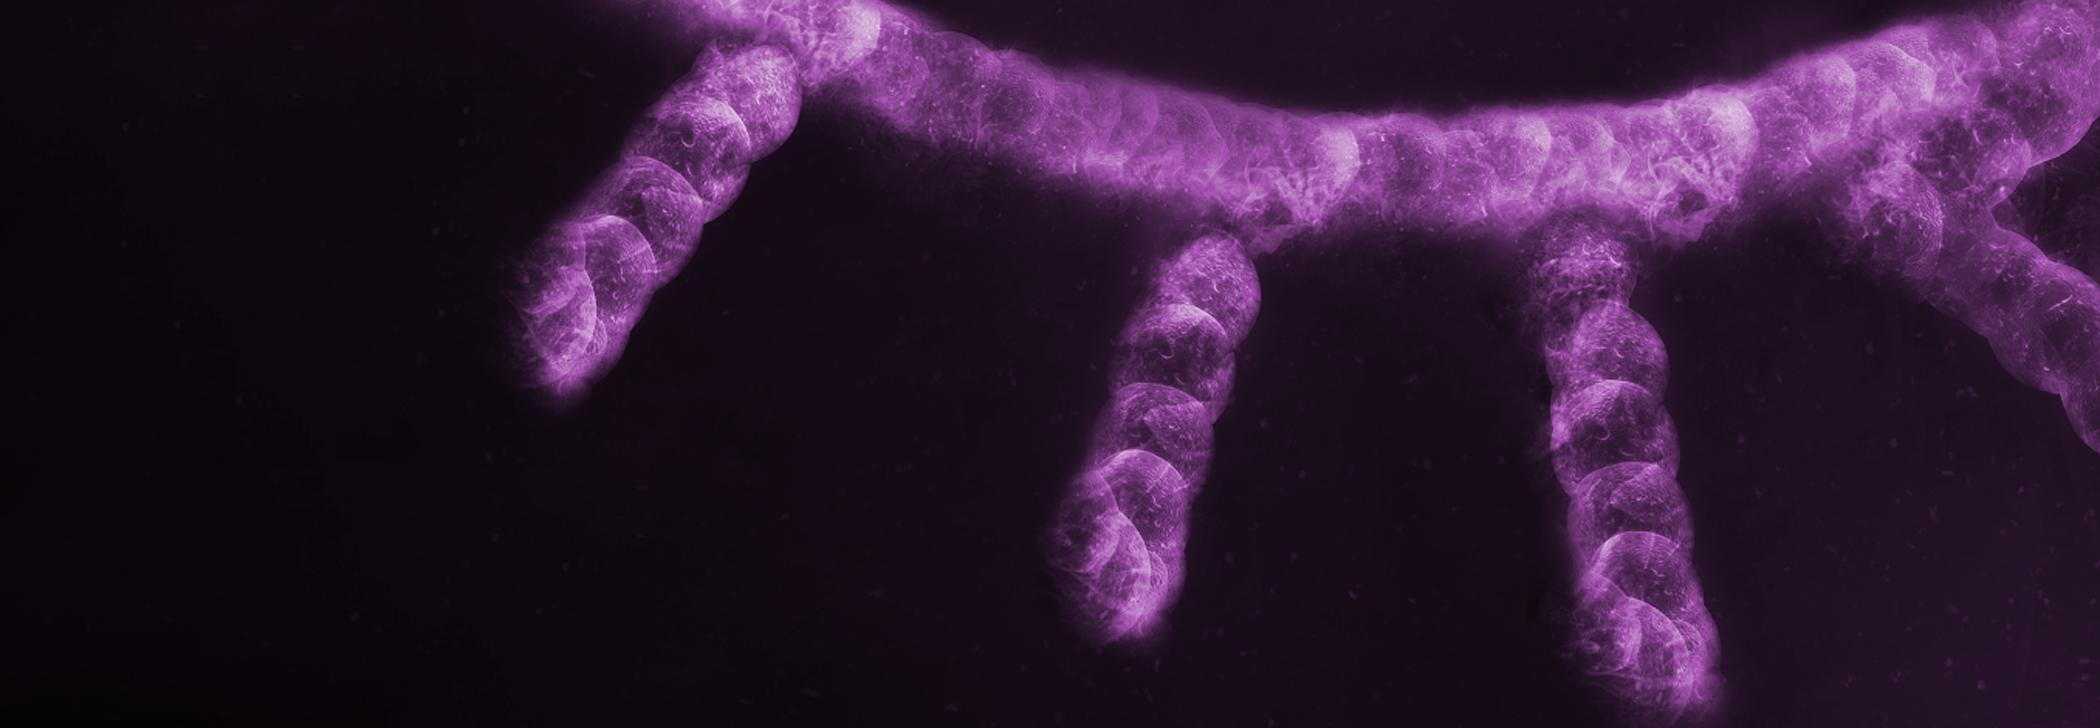 Almac Diagnostics RNA panel solution